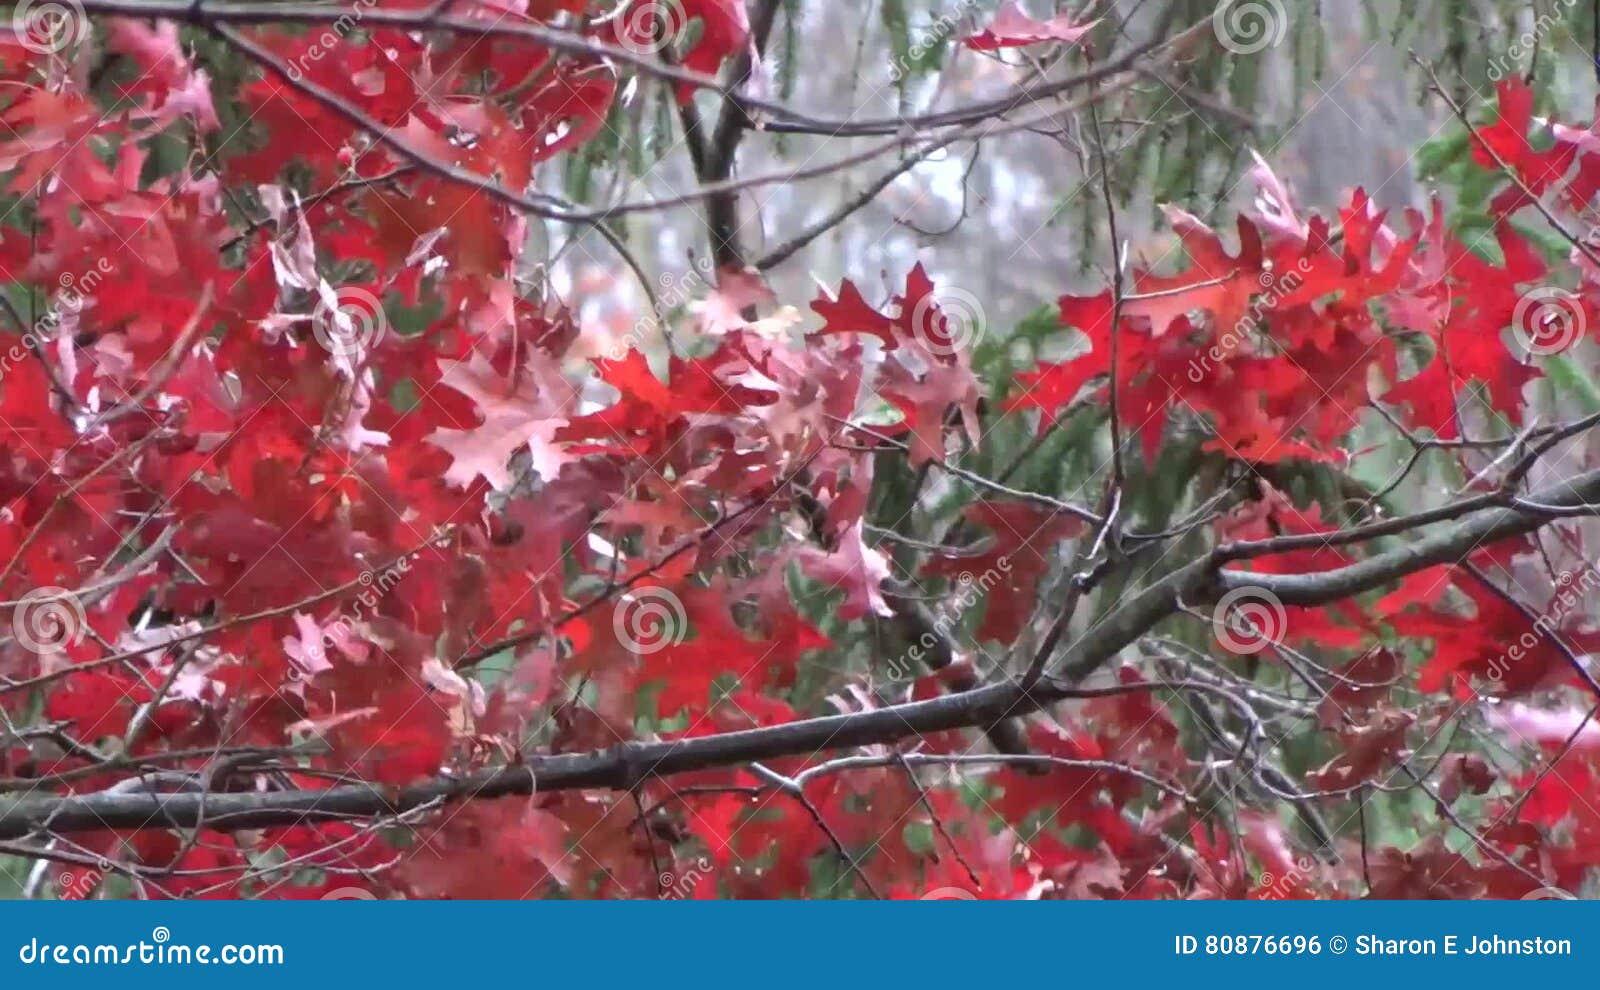 appalachian fall oak tree leaves wind snow red green stock